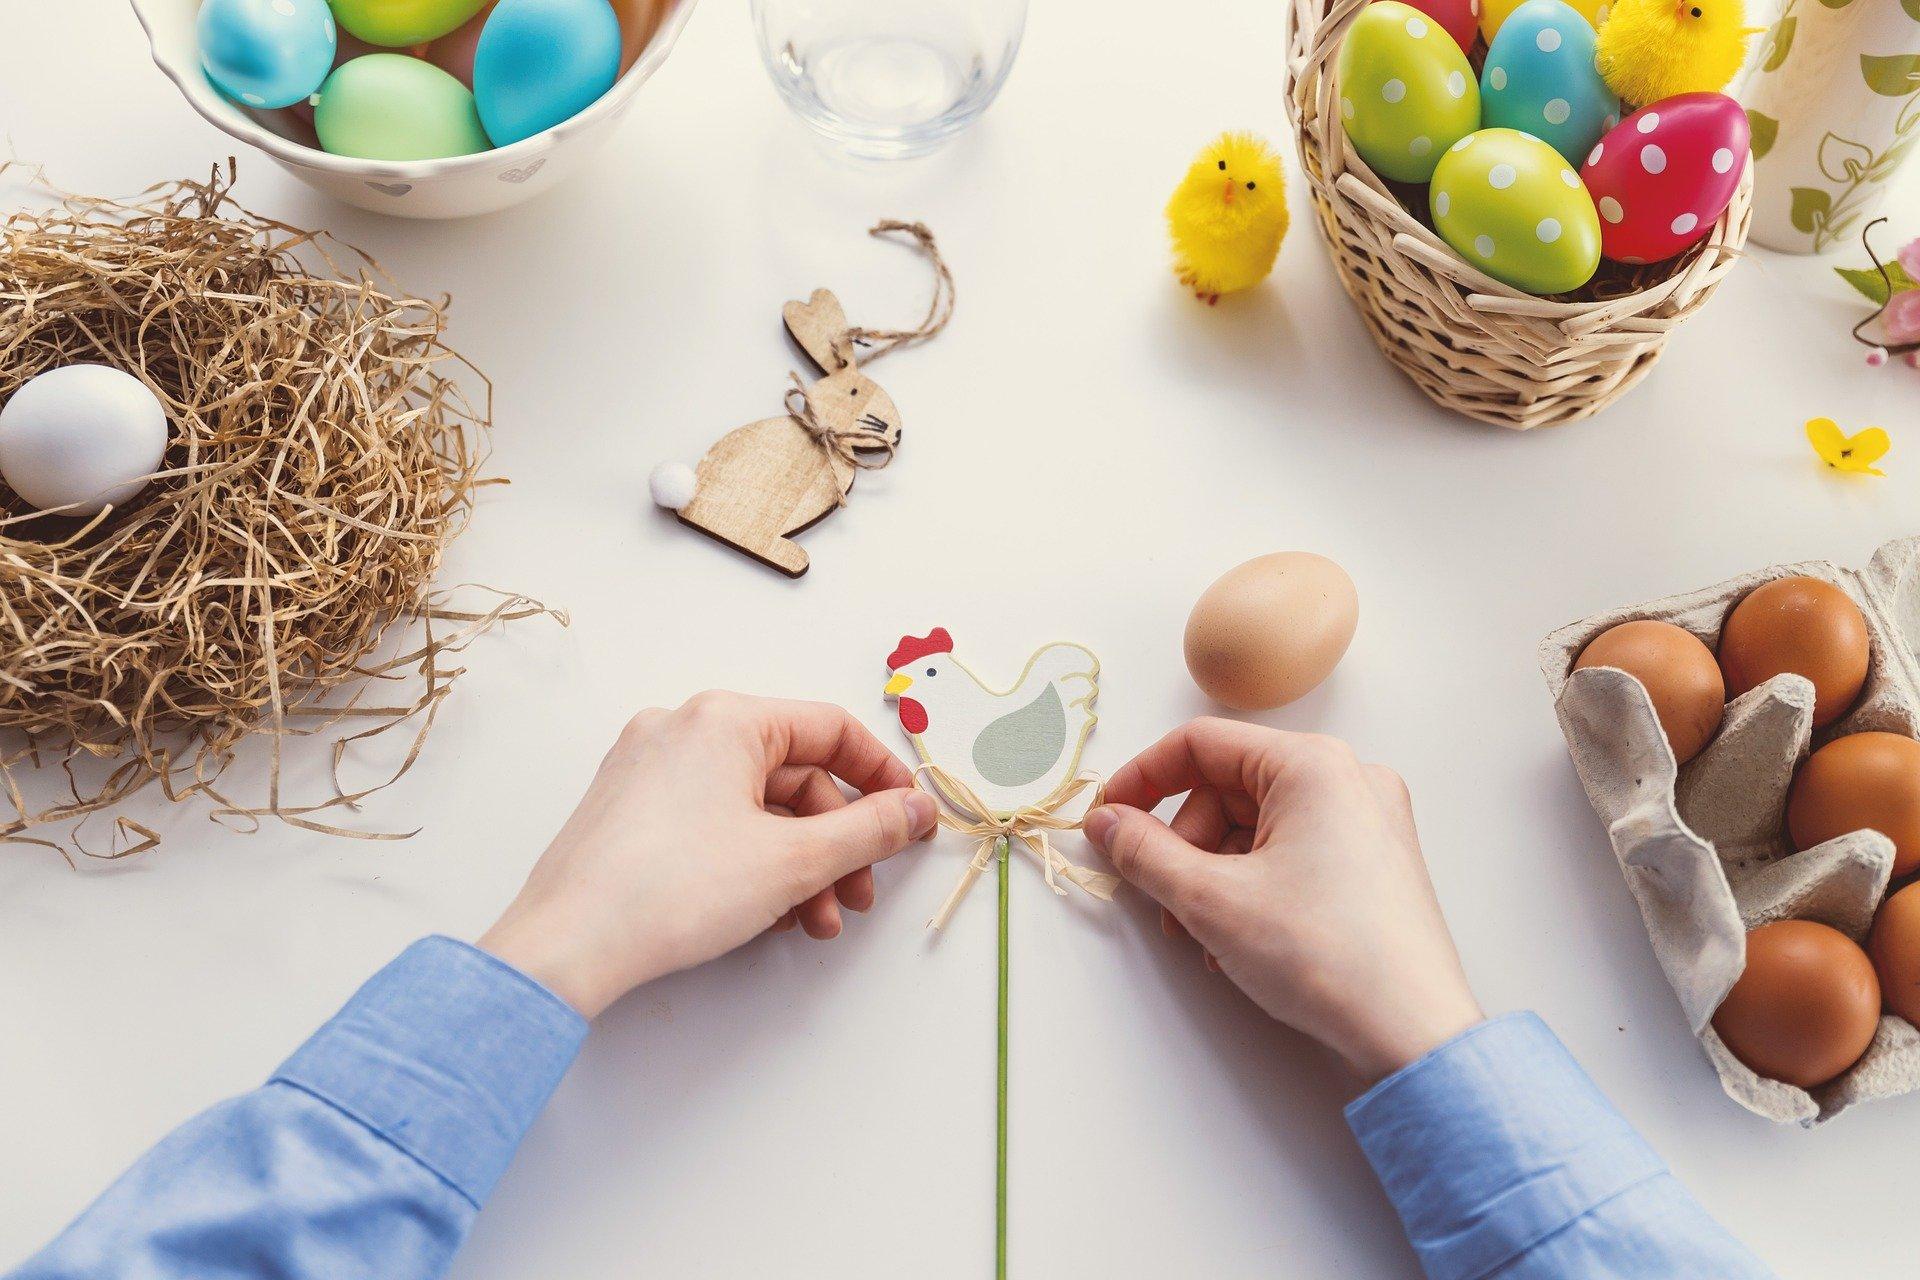 Velikonoční výzdoba a zdobení kraslic